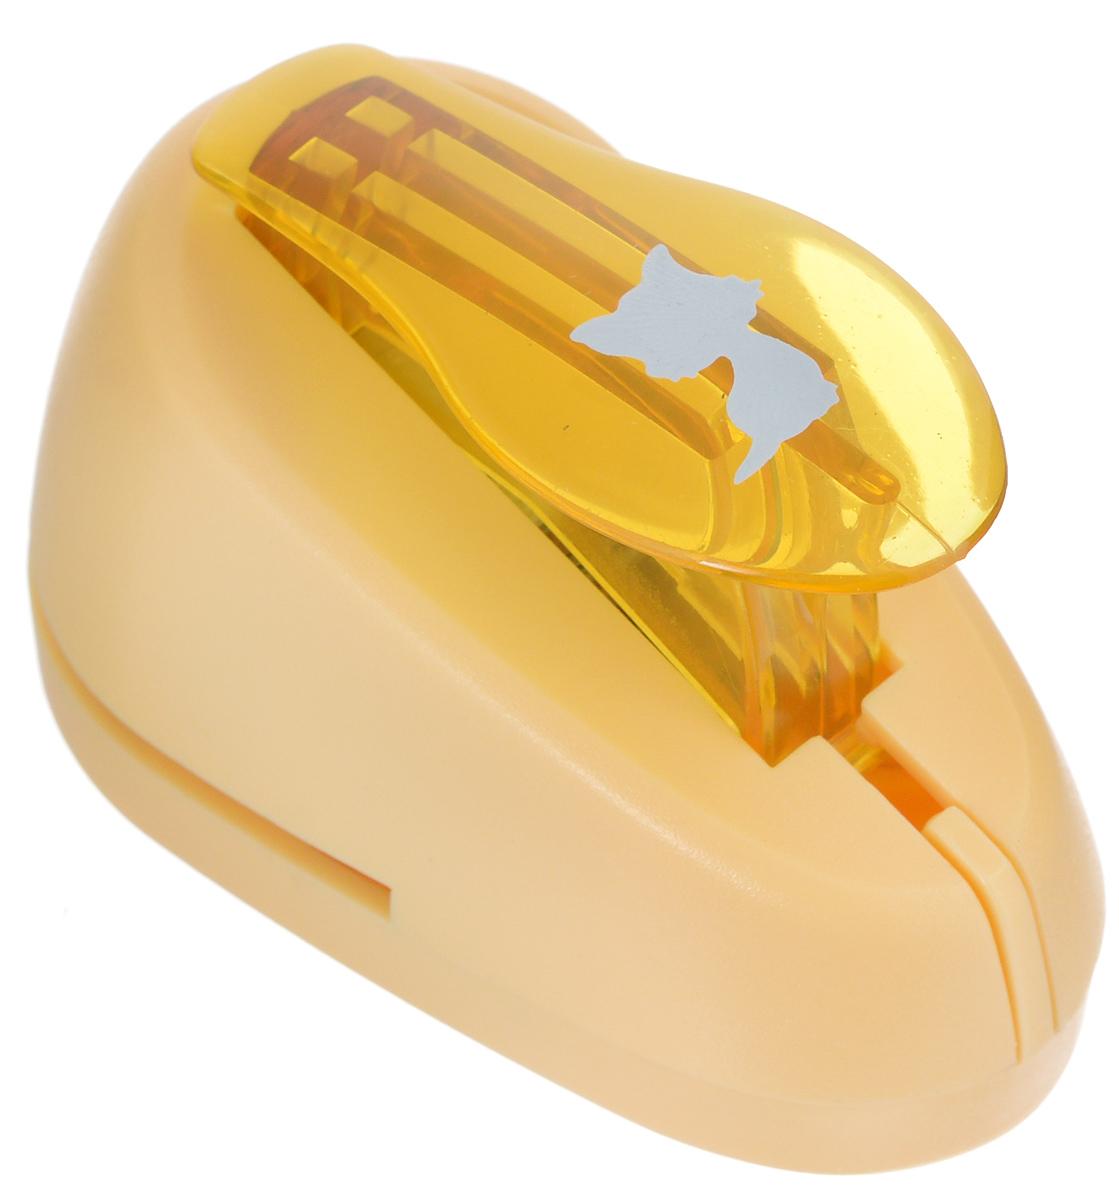 Дырокол фигурный Hobbyboom Котенок, №368, цвет: оранжевый, 1,8 см92398_оранжевыйФигурный дырокол Hobbyboom Котенок, изготовленный из пластика и металла, используется в скрапбукинге для создания оригинальных открыток, а также оформления подарков, в бумажном творчестве. Рисунок прорези указан на ручке дырокола.Вырезанный элемент также можно использовать для украшения.Предназначен для бумаги определенной плотности - 80 - 200 г/м2. При применении на бумаге большей плотности или на картоне, дырокол быстро затупится.Размер дырокола: 6,8 см х 4 см х 4,5 см.Размер готовой фигурки: 1,5 см х 1,3 см.